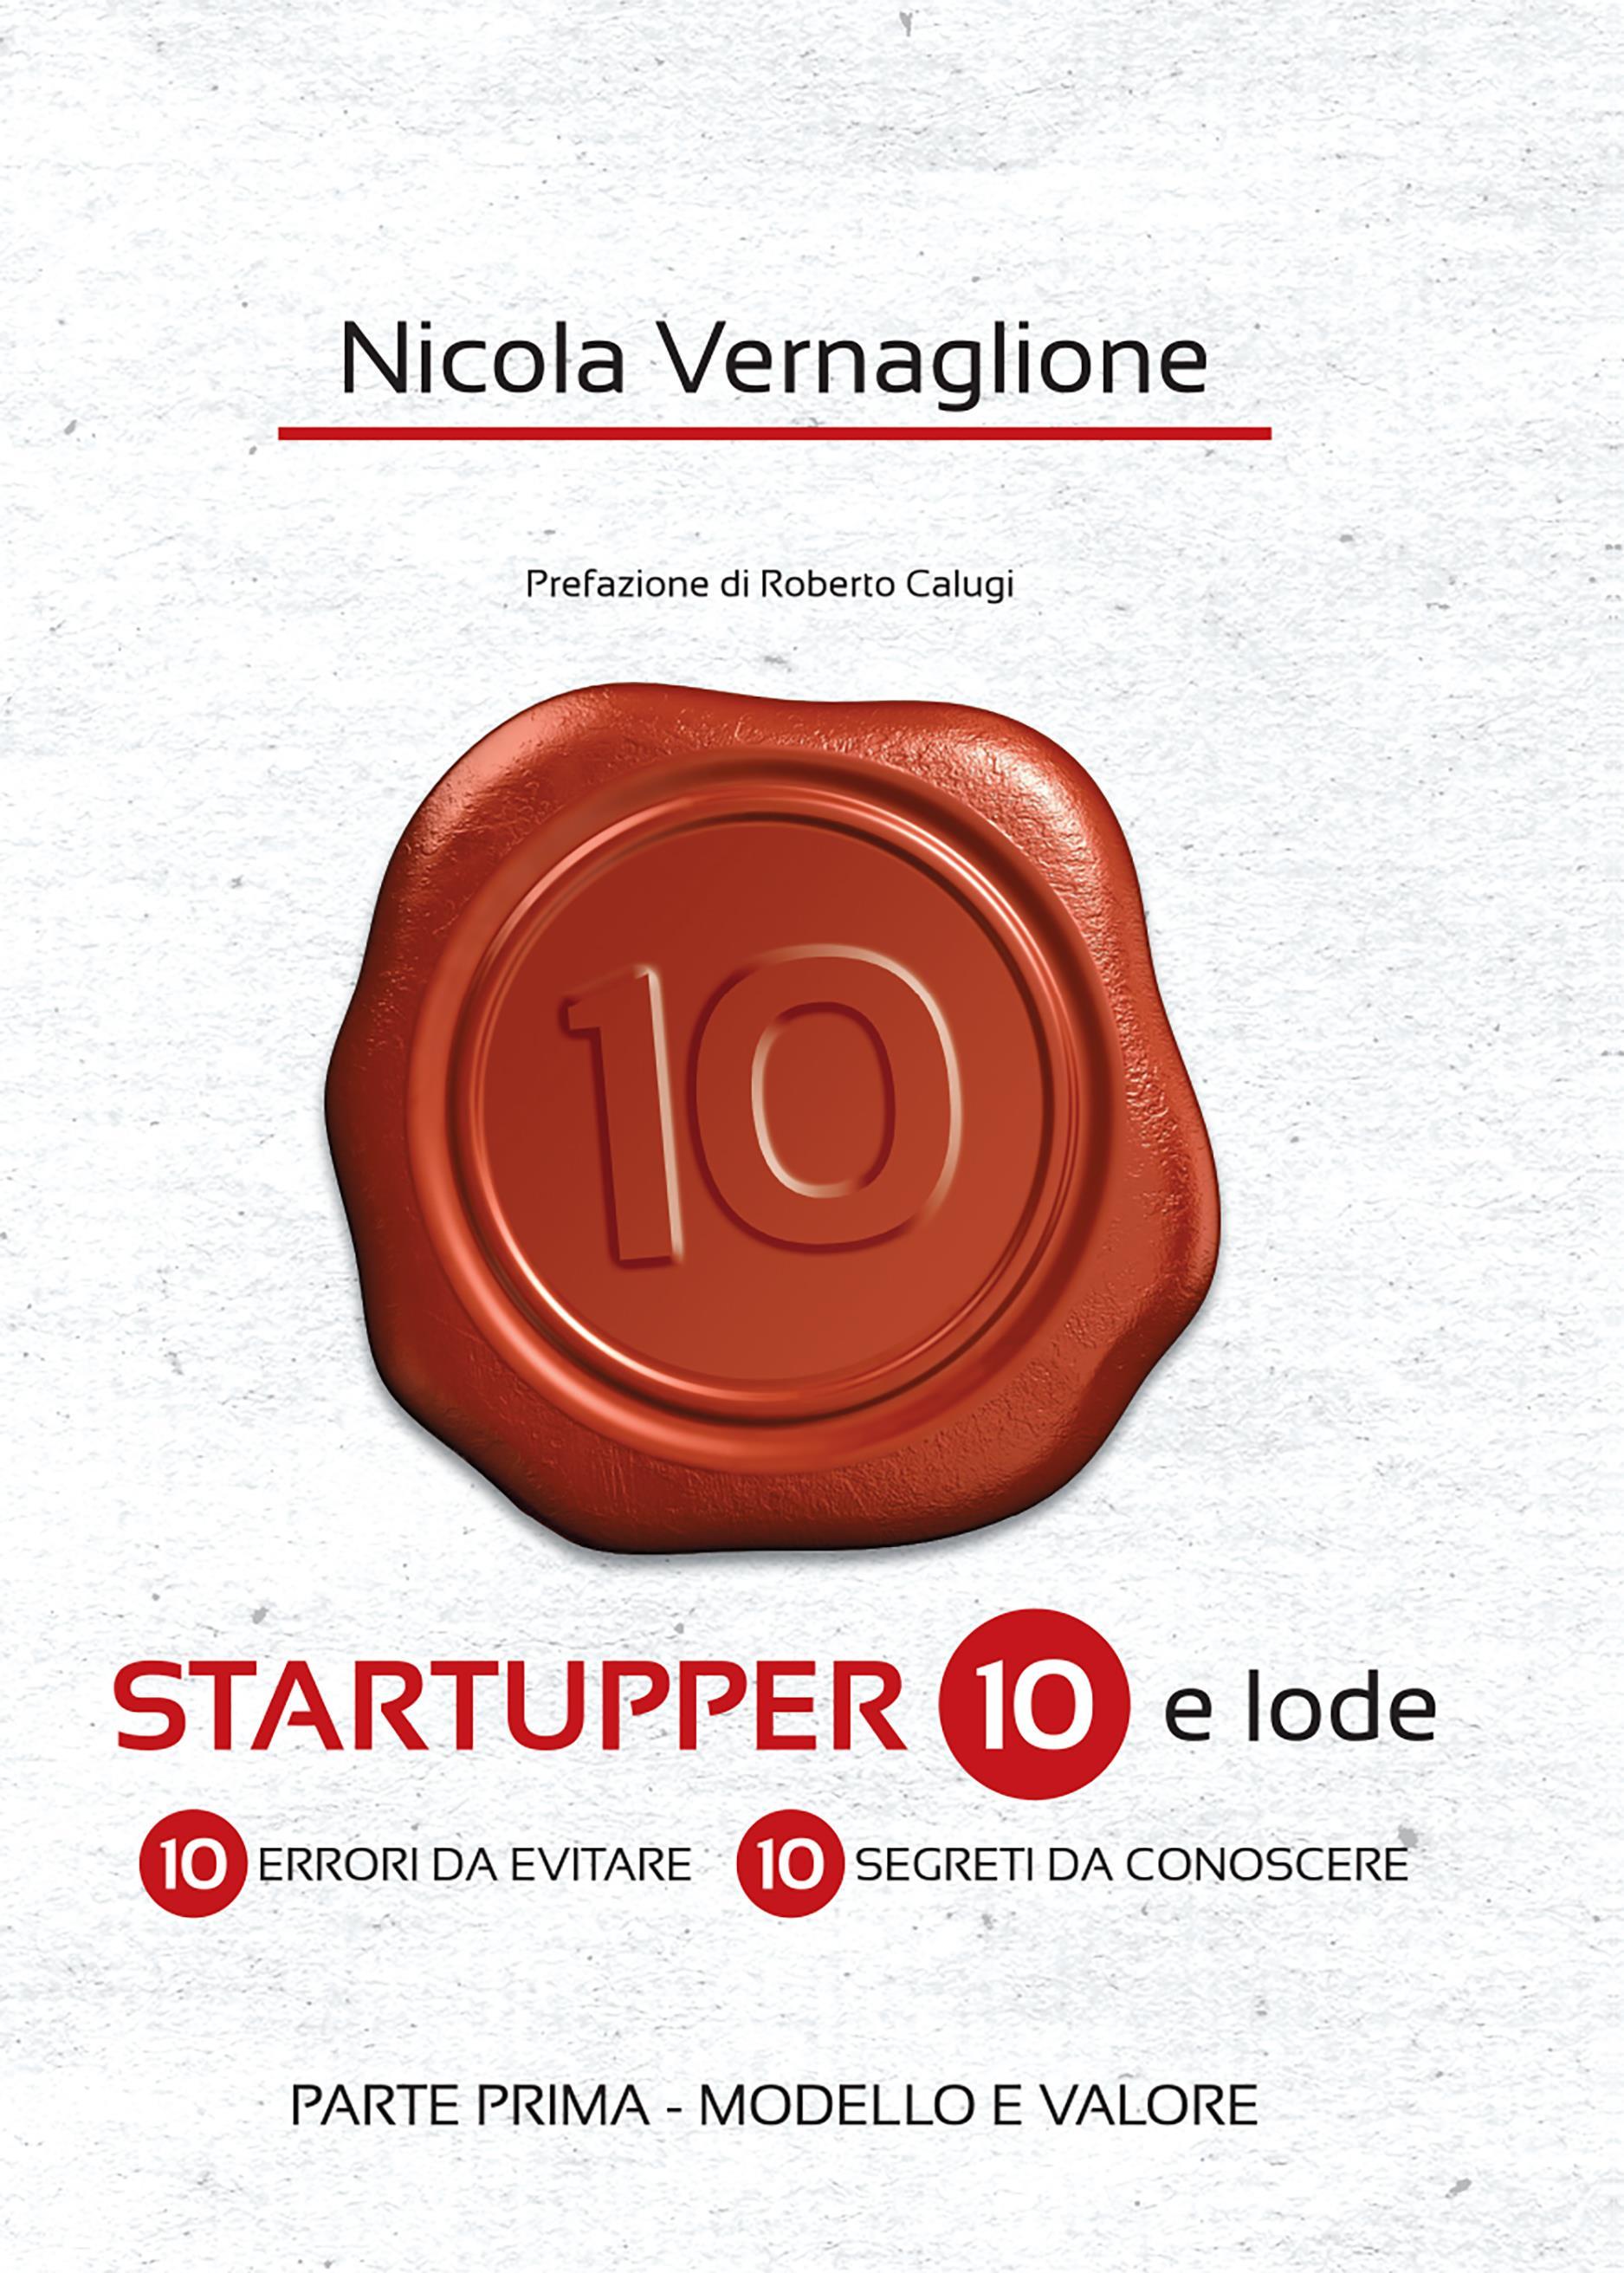 Startupper 10 e lode. 10 errori da evitare. 10 segreti da conoscere. PARTE PRIMA. MODELLO E VALORE